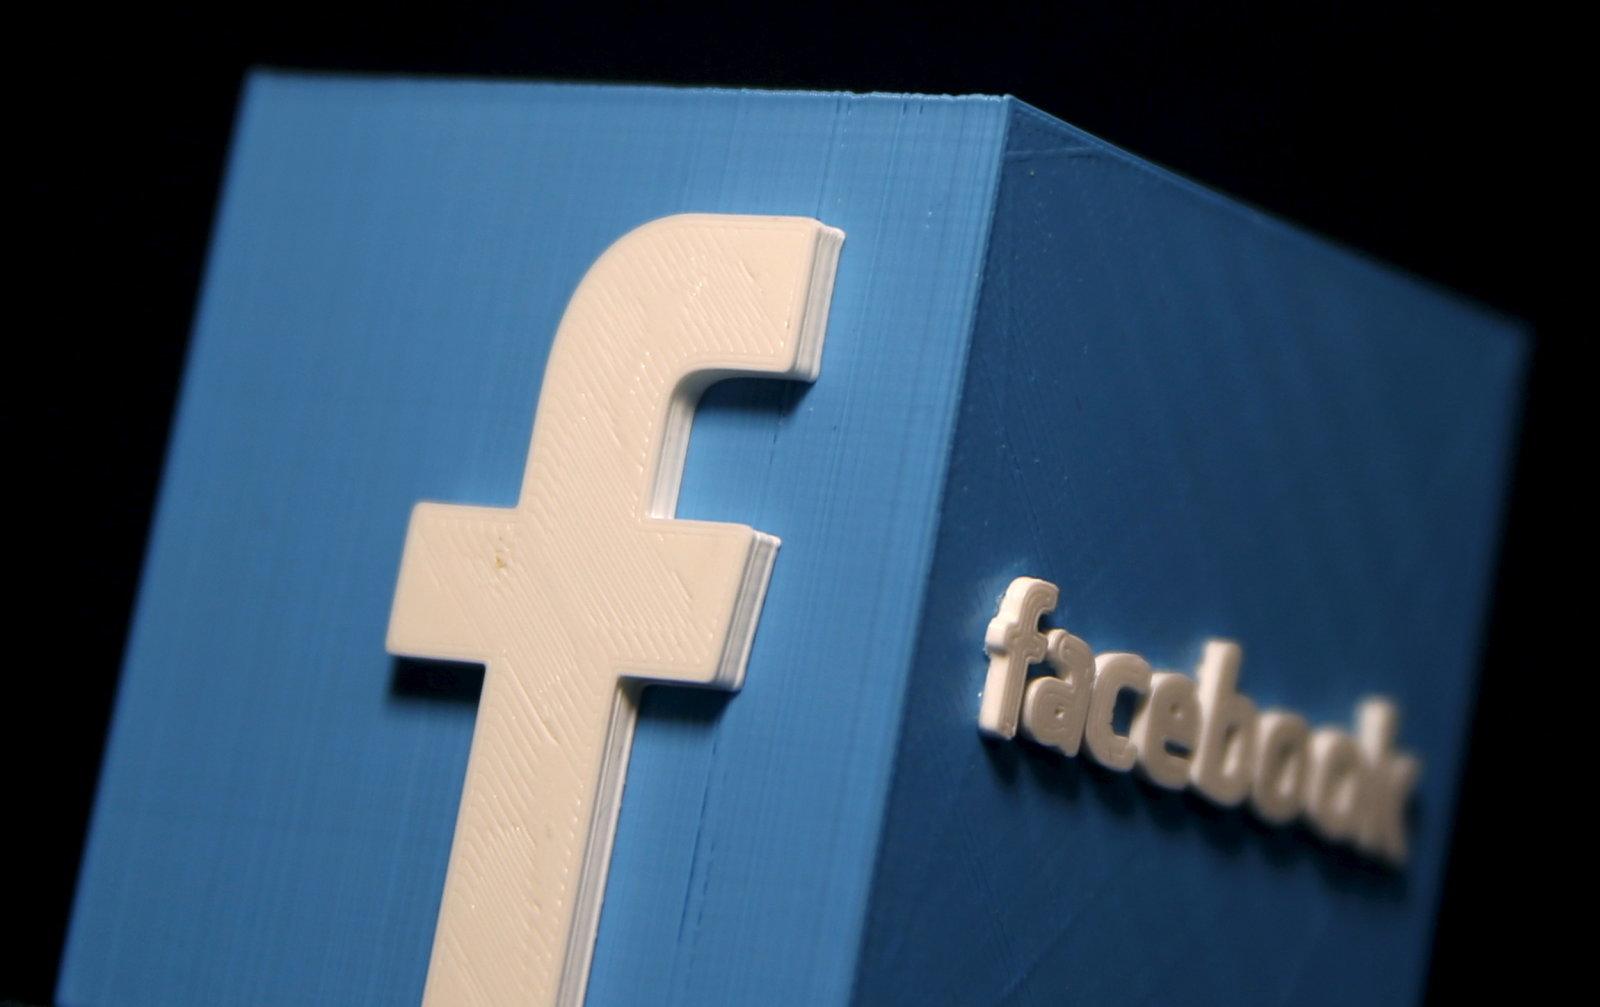 Facebook hỗ trợ việc chia sẻ các hình ảnh chi tiết vật thể 3D trở nên dễ dàng hơn